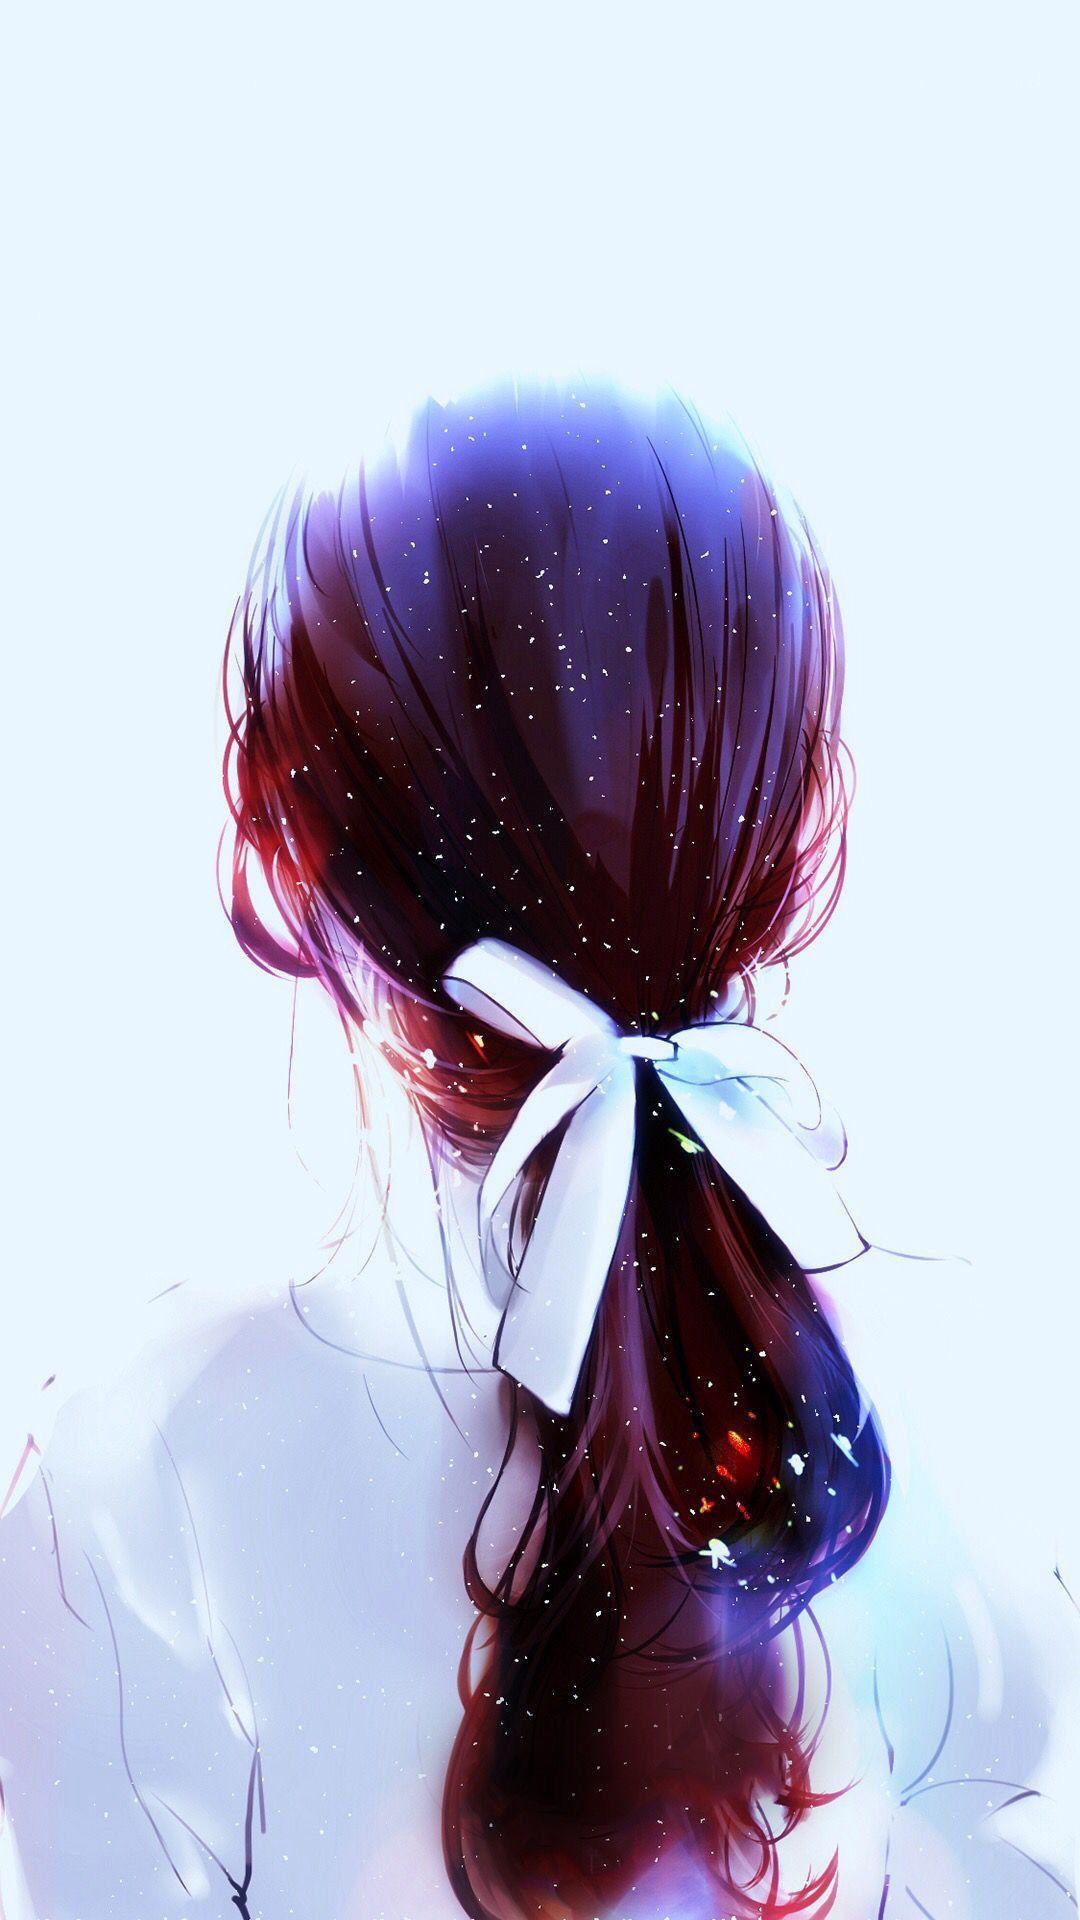 Đọc Truyện [Sưu tầm] Xả ảnh - Anime cô gái quay lưng (3) - Từ Linh San - Wattpad